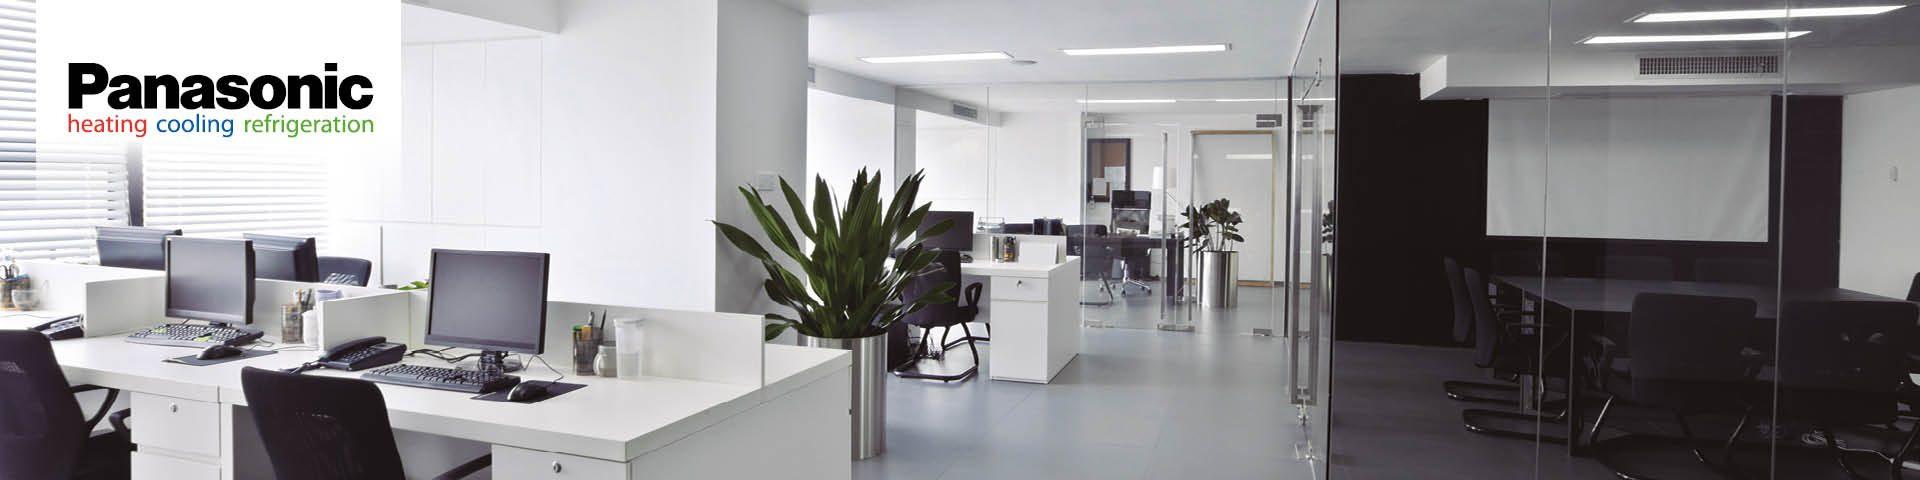 Panasonic VRF gamma bij Frigro - warmtepompen voor kantoorgebouwen